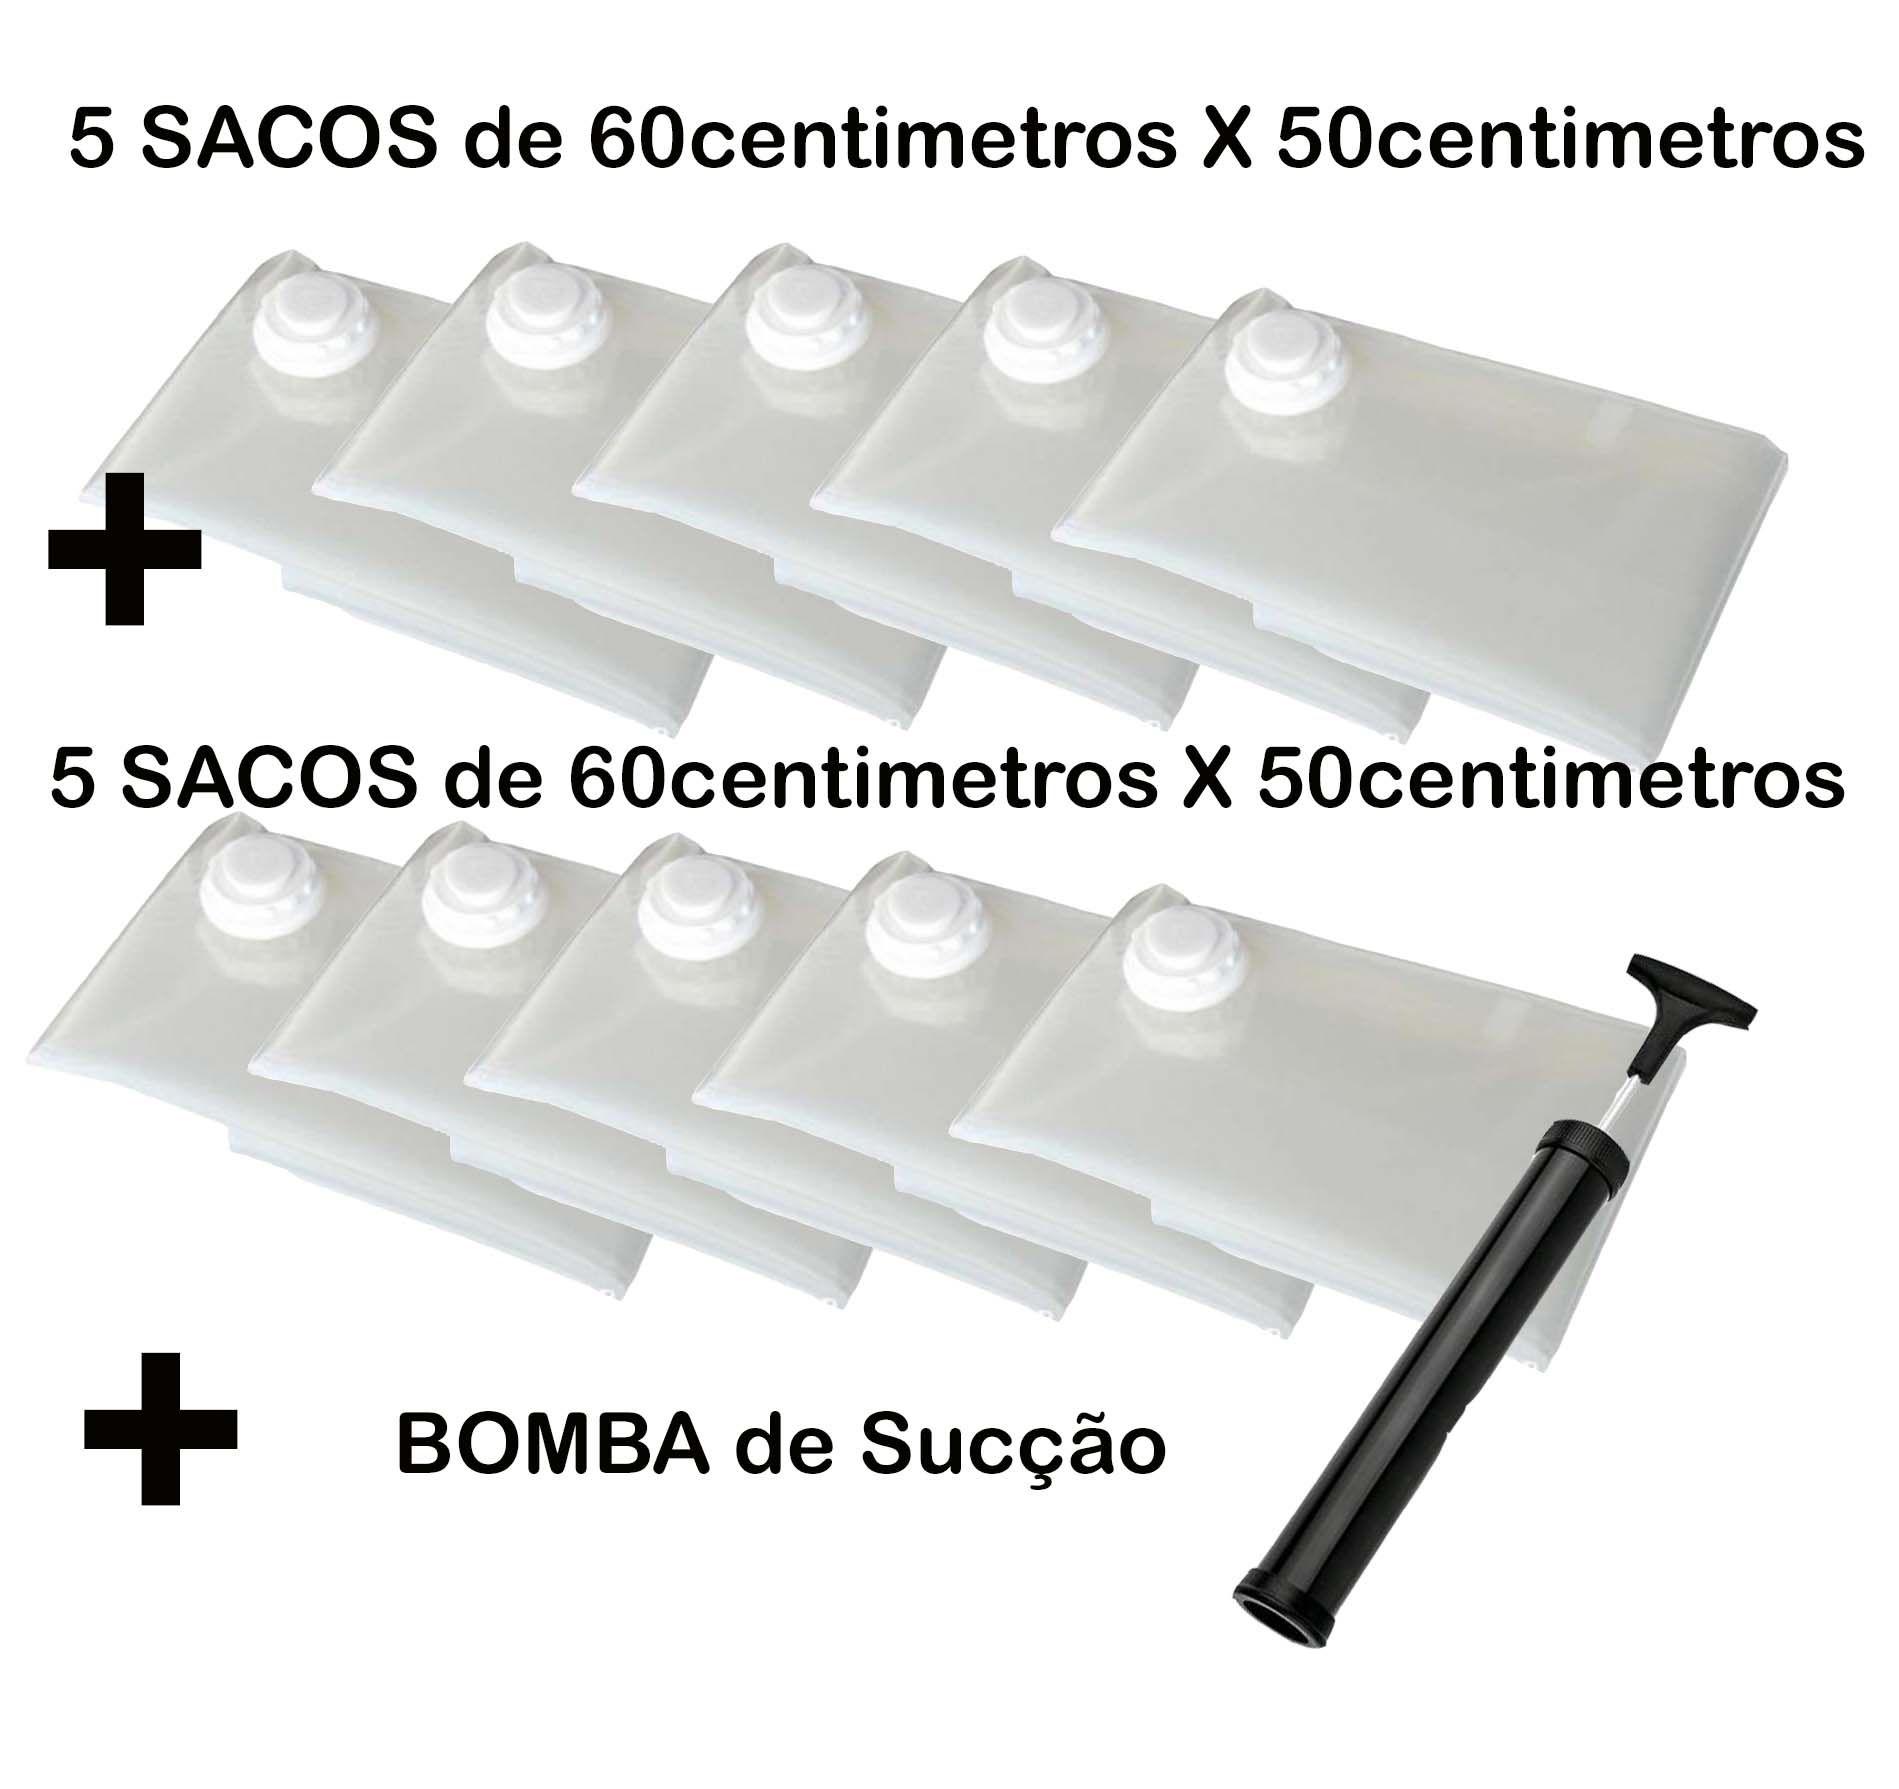 Saco À Vácuo Kit 5 Sacos 60x50cm + 5 Sacos 60x50cm + Bomba = Super Promoção